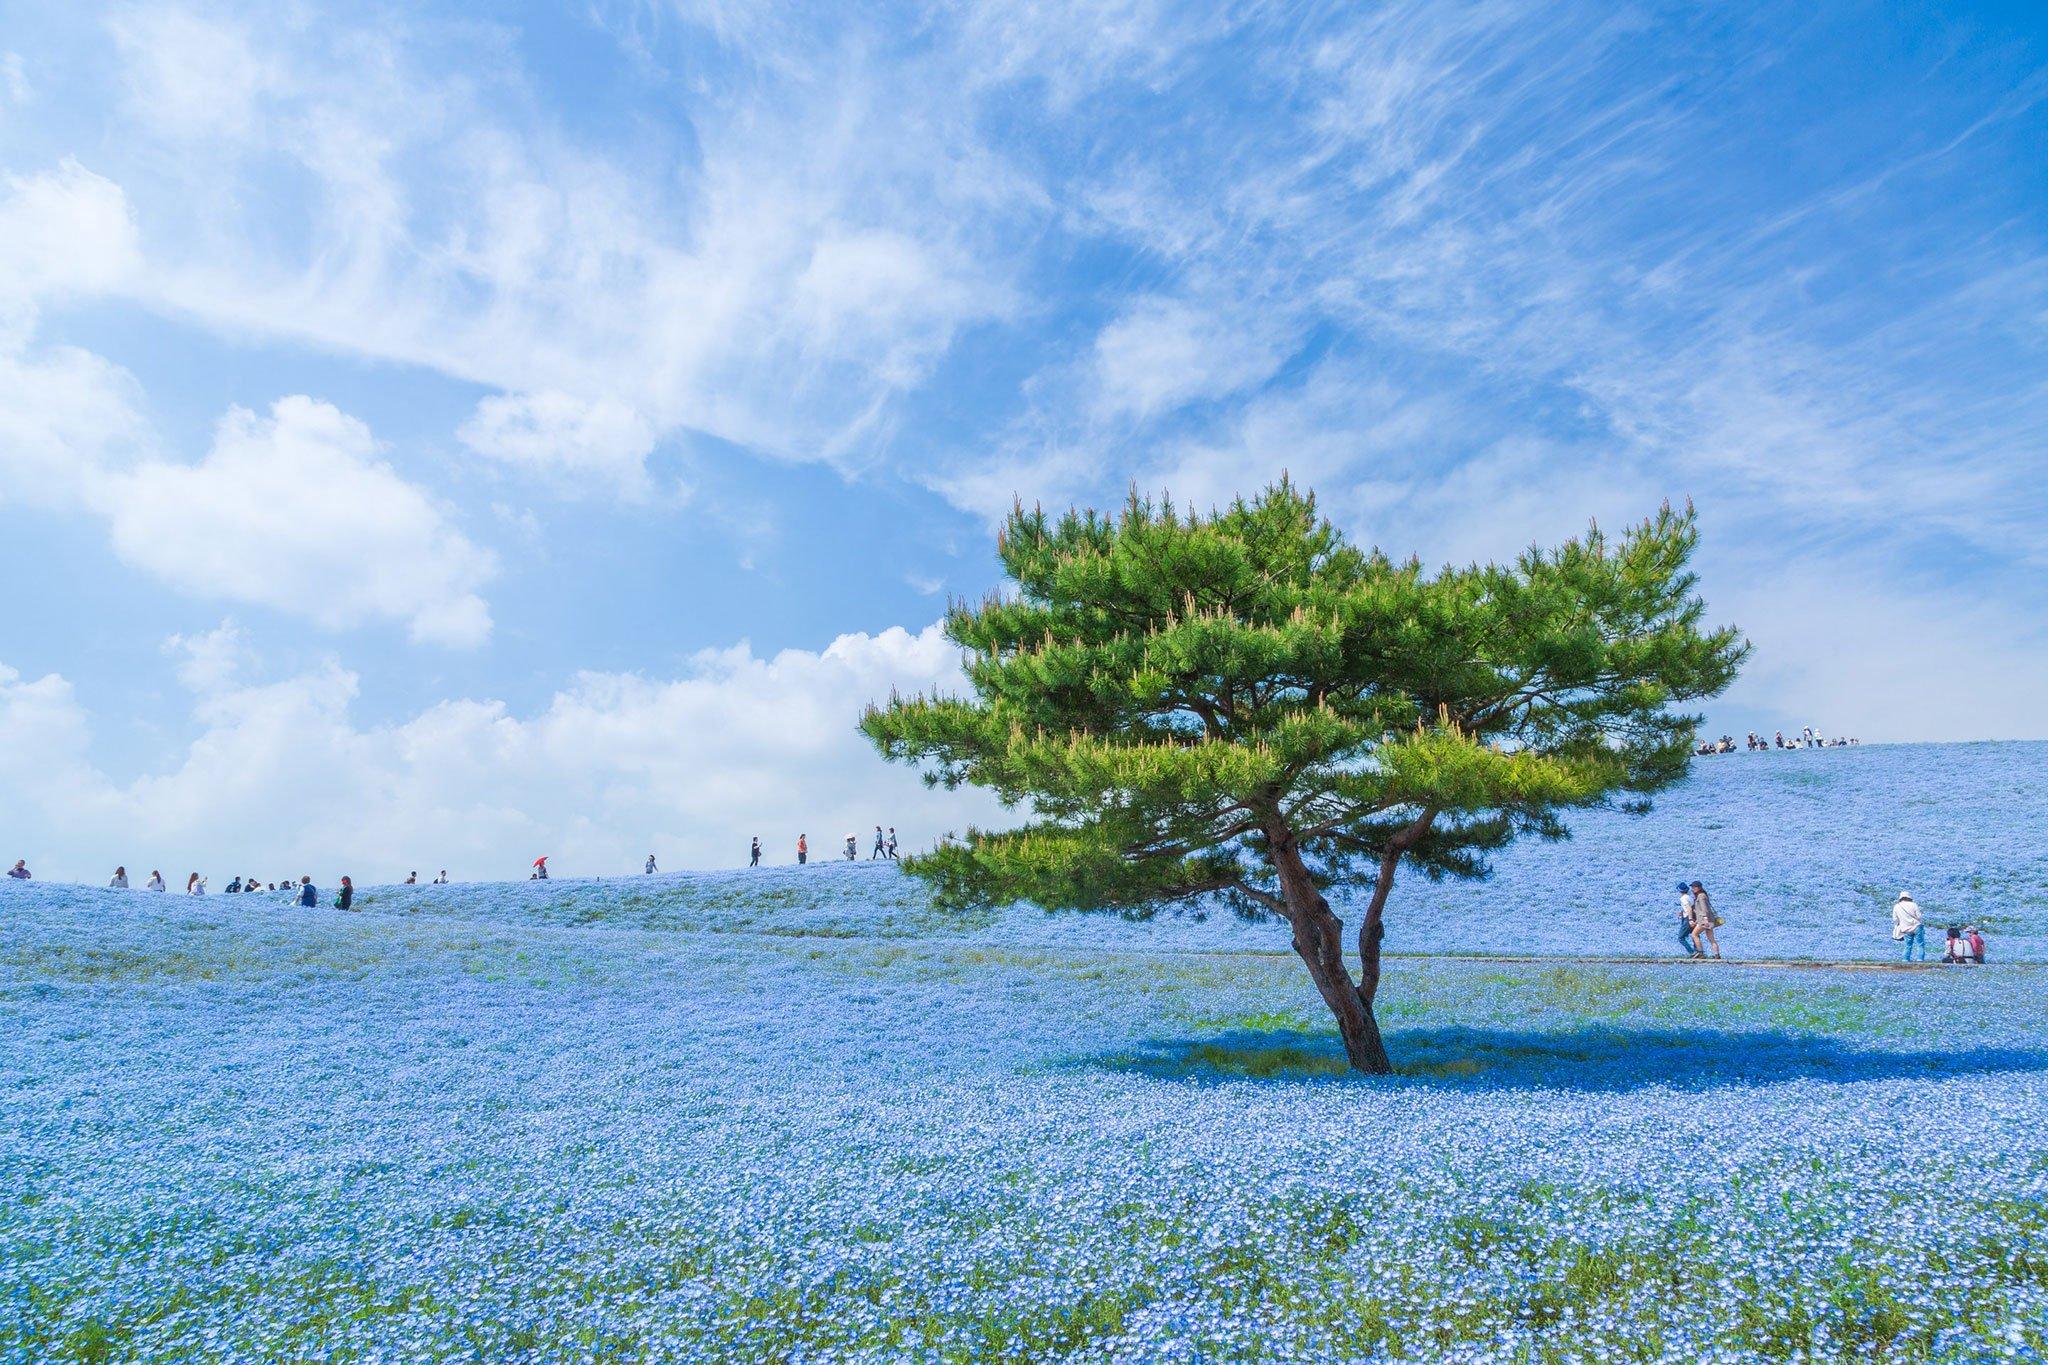 Wisata Hitachi Seaside Park Jepang